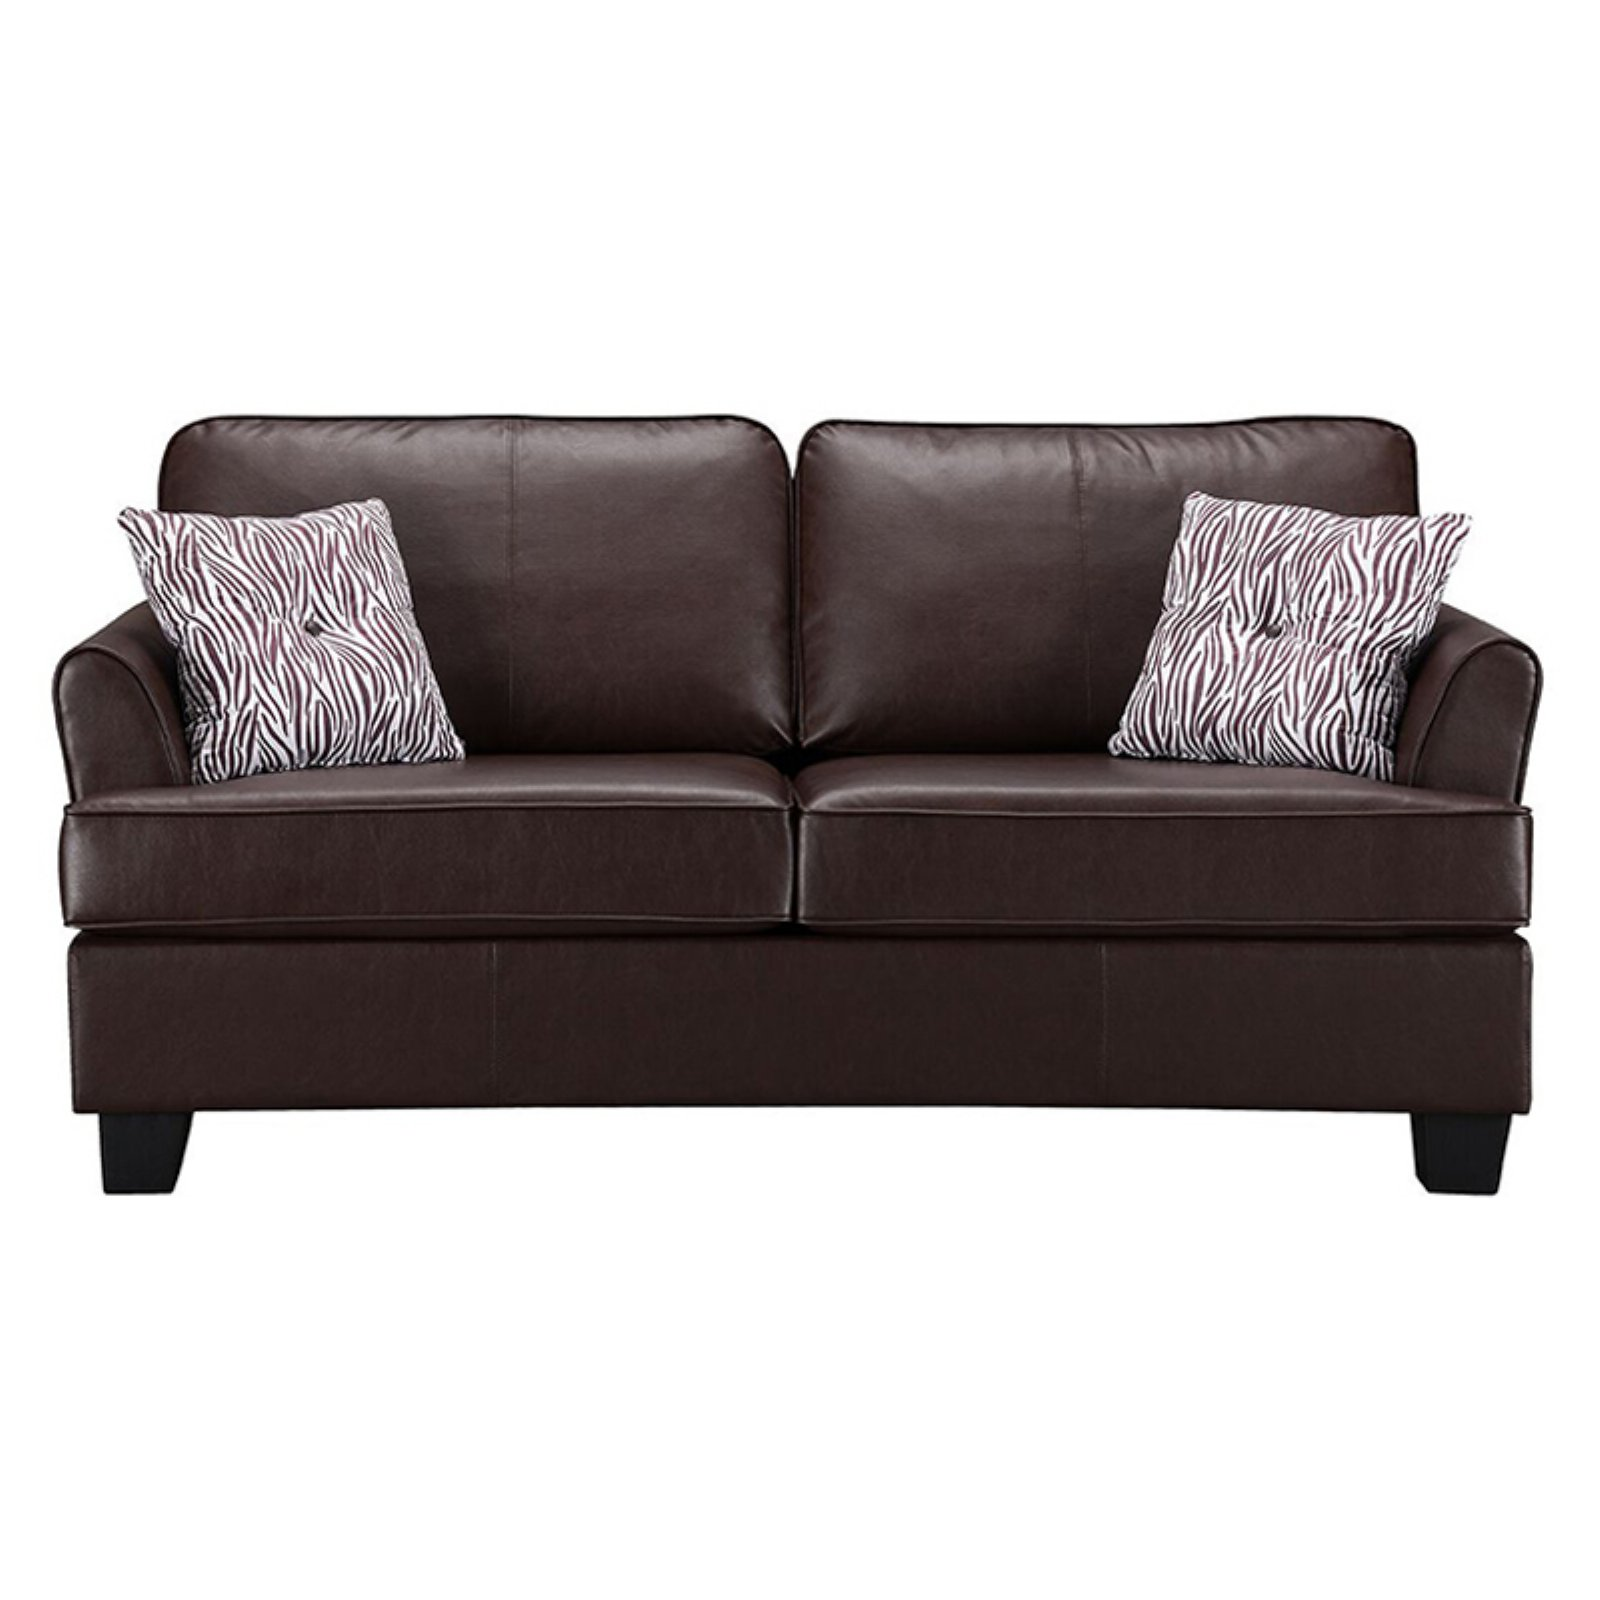 K & B Furniture Hayden Sofa with Full Sleeper